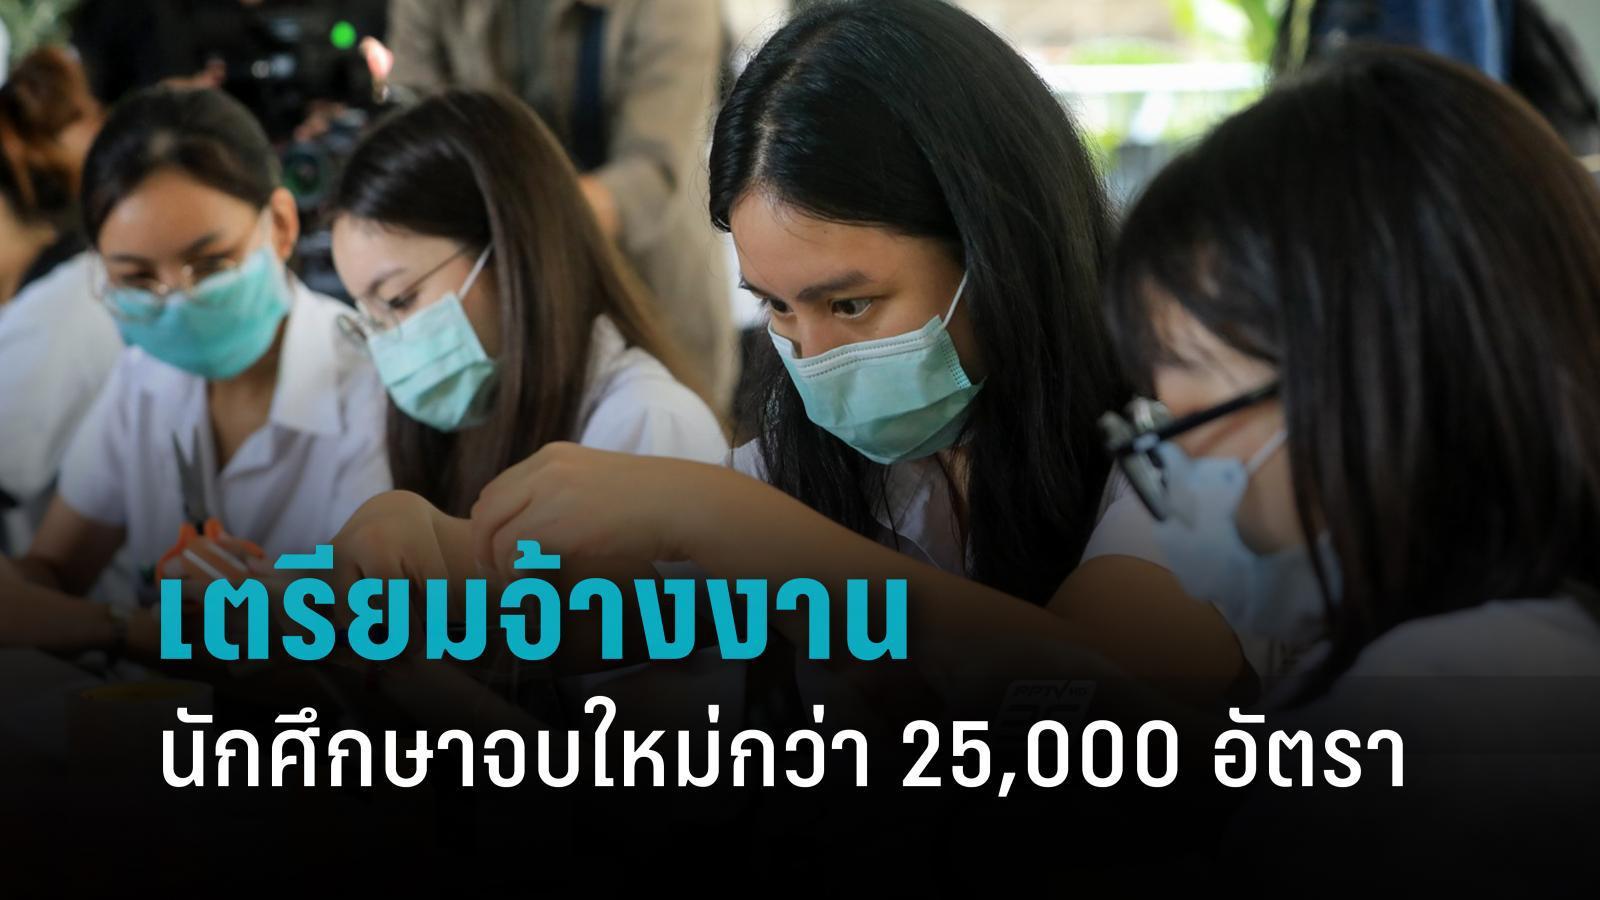 ปตท.เตรียมจ้างงาน นักศึกษาจบใหม่ กว่า 25,000 อัตรา